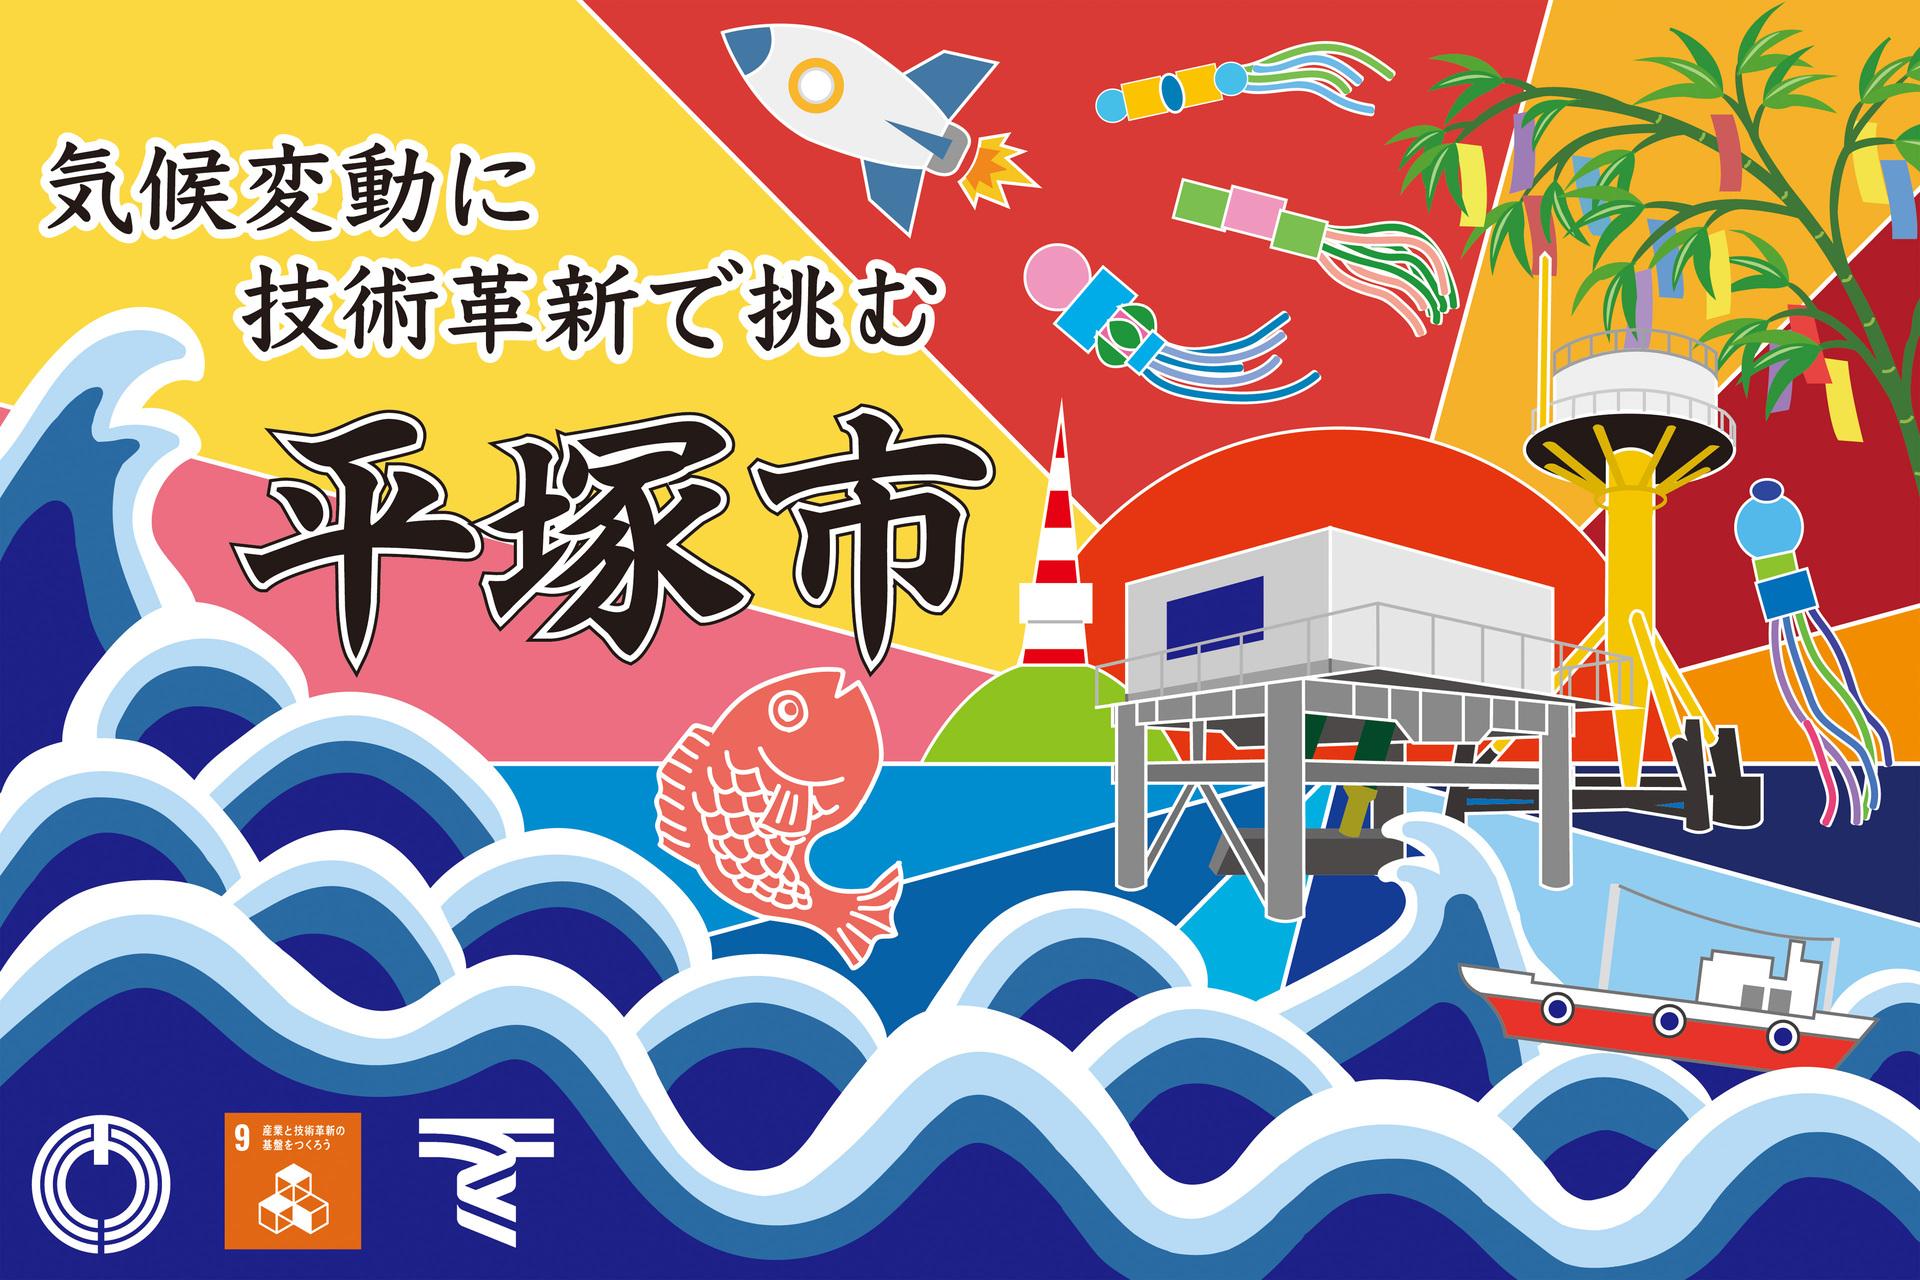 神奈川県 平塚市